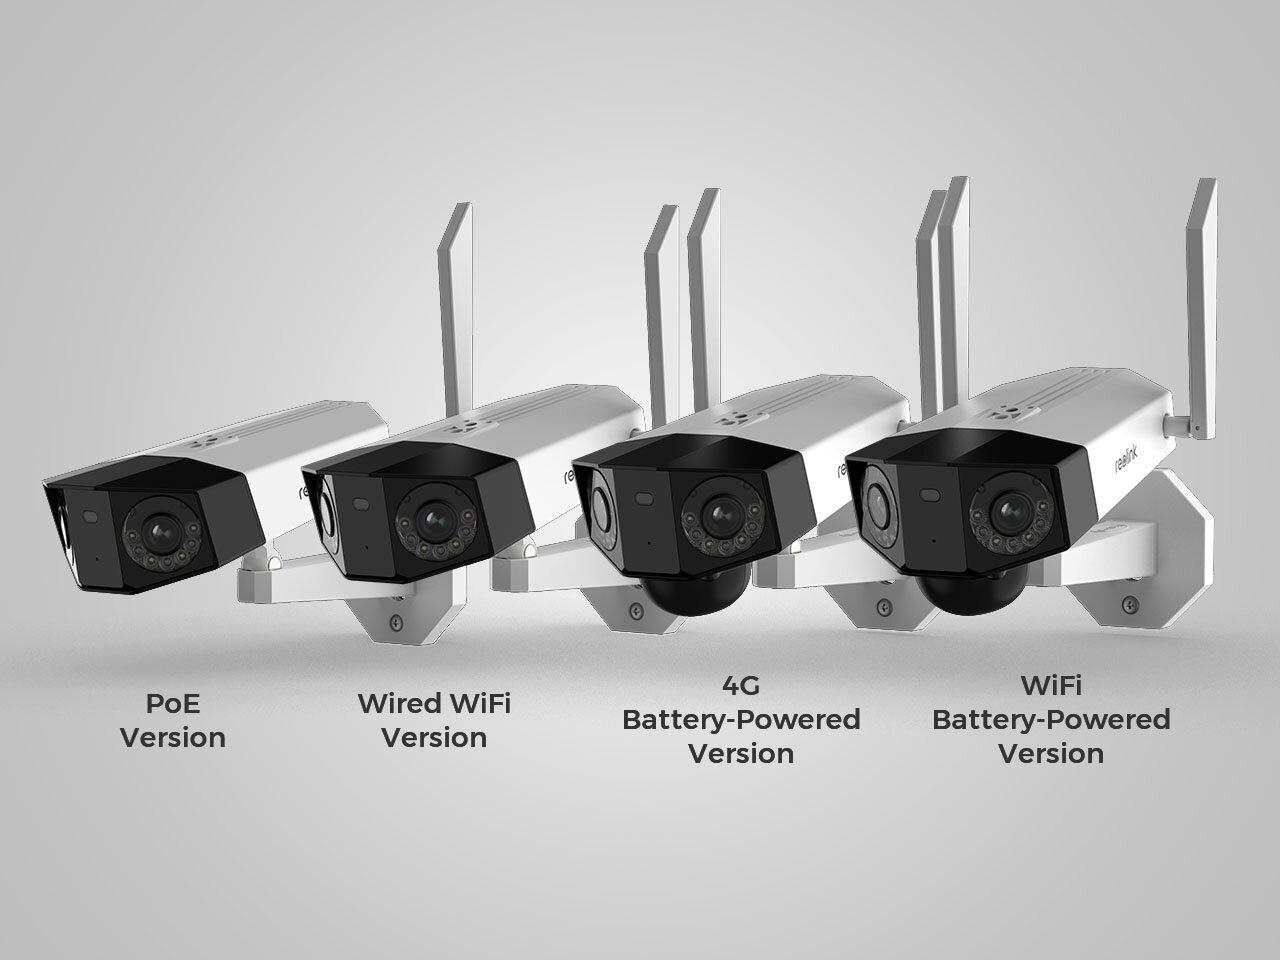 Reolink Duo: 2-Linsen-Kamera für breites Sichtfeld mit PoE, WiFi oder 4G -  ComputerBase